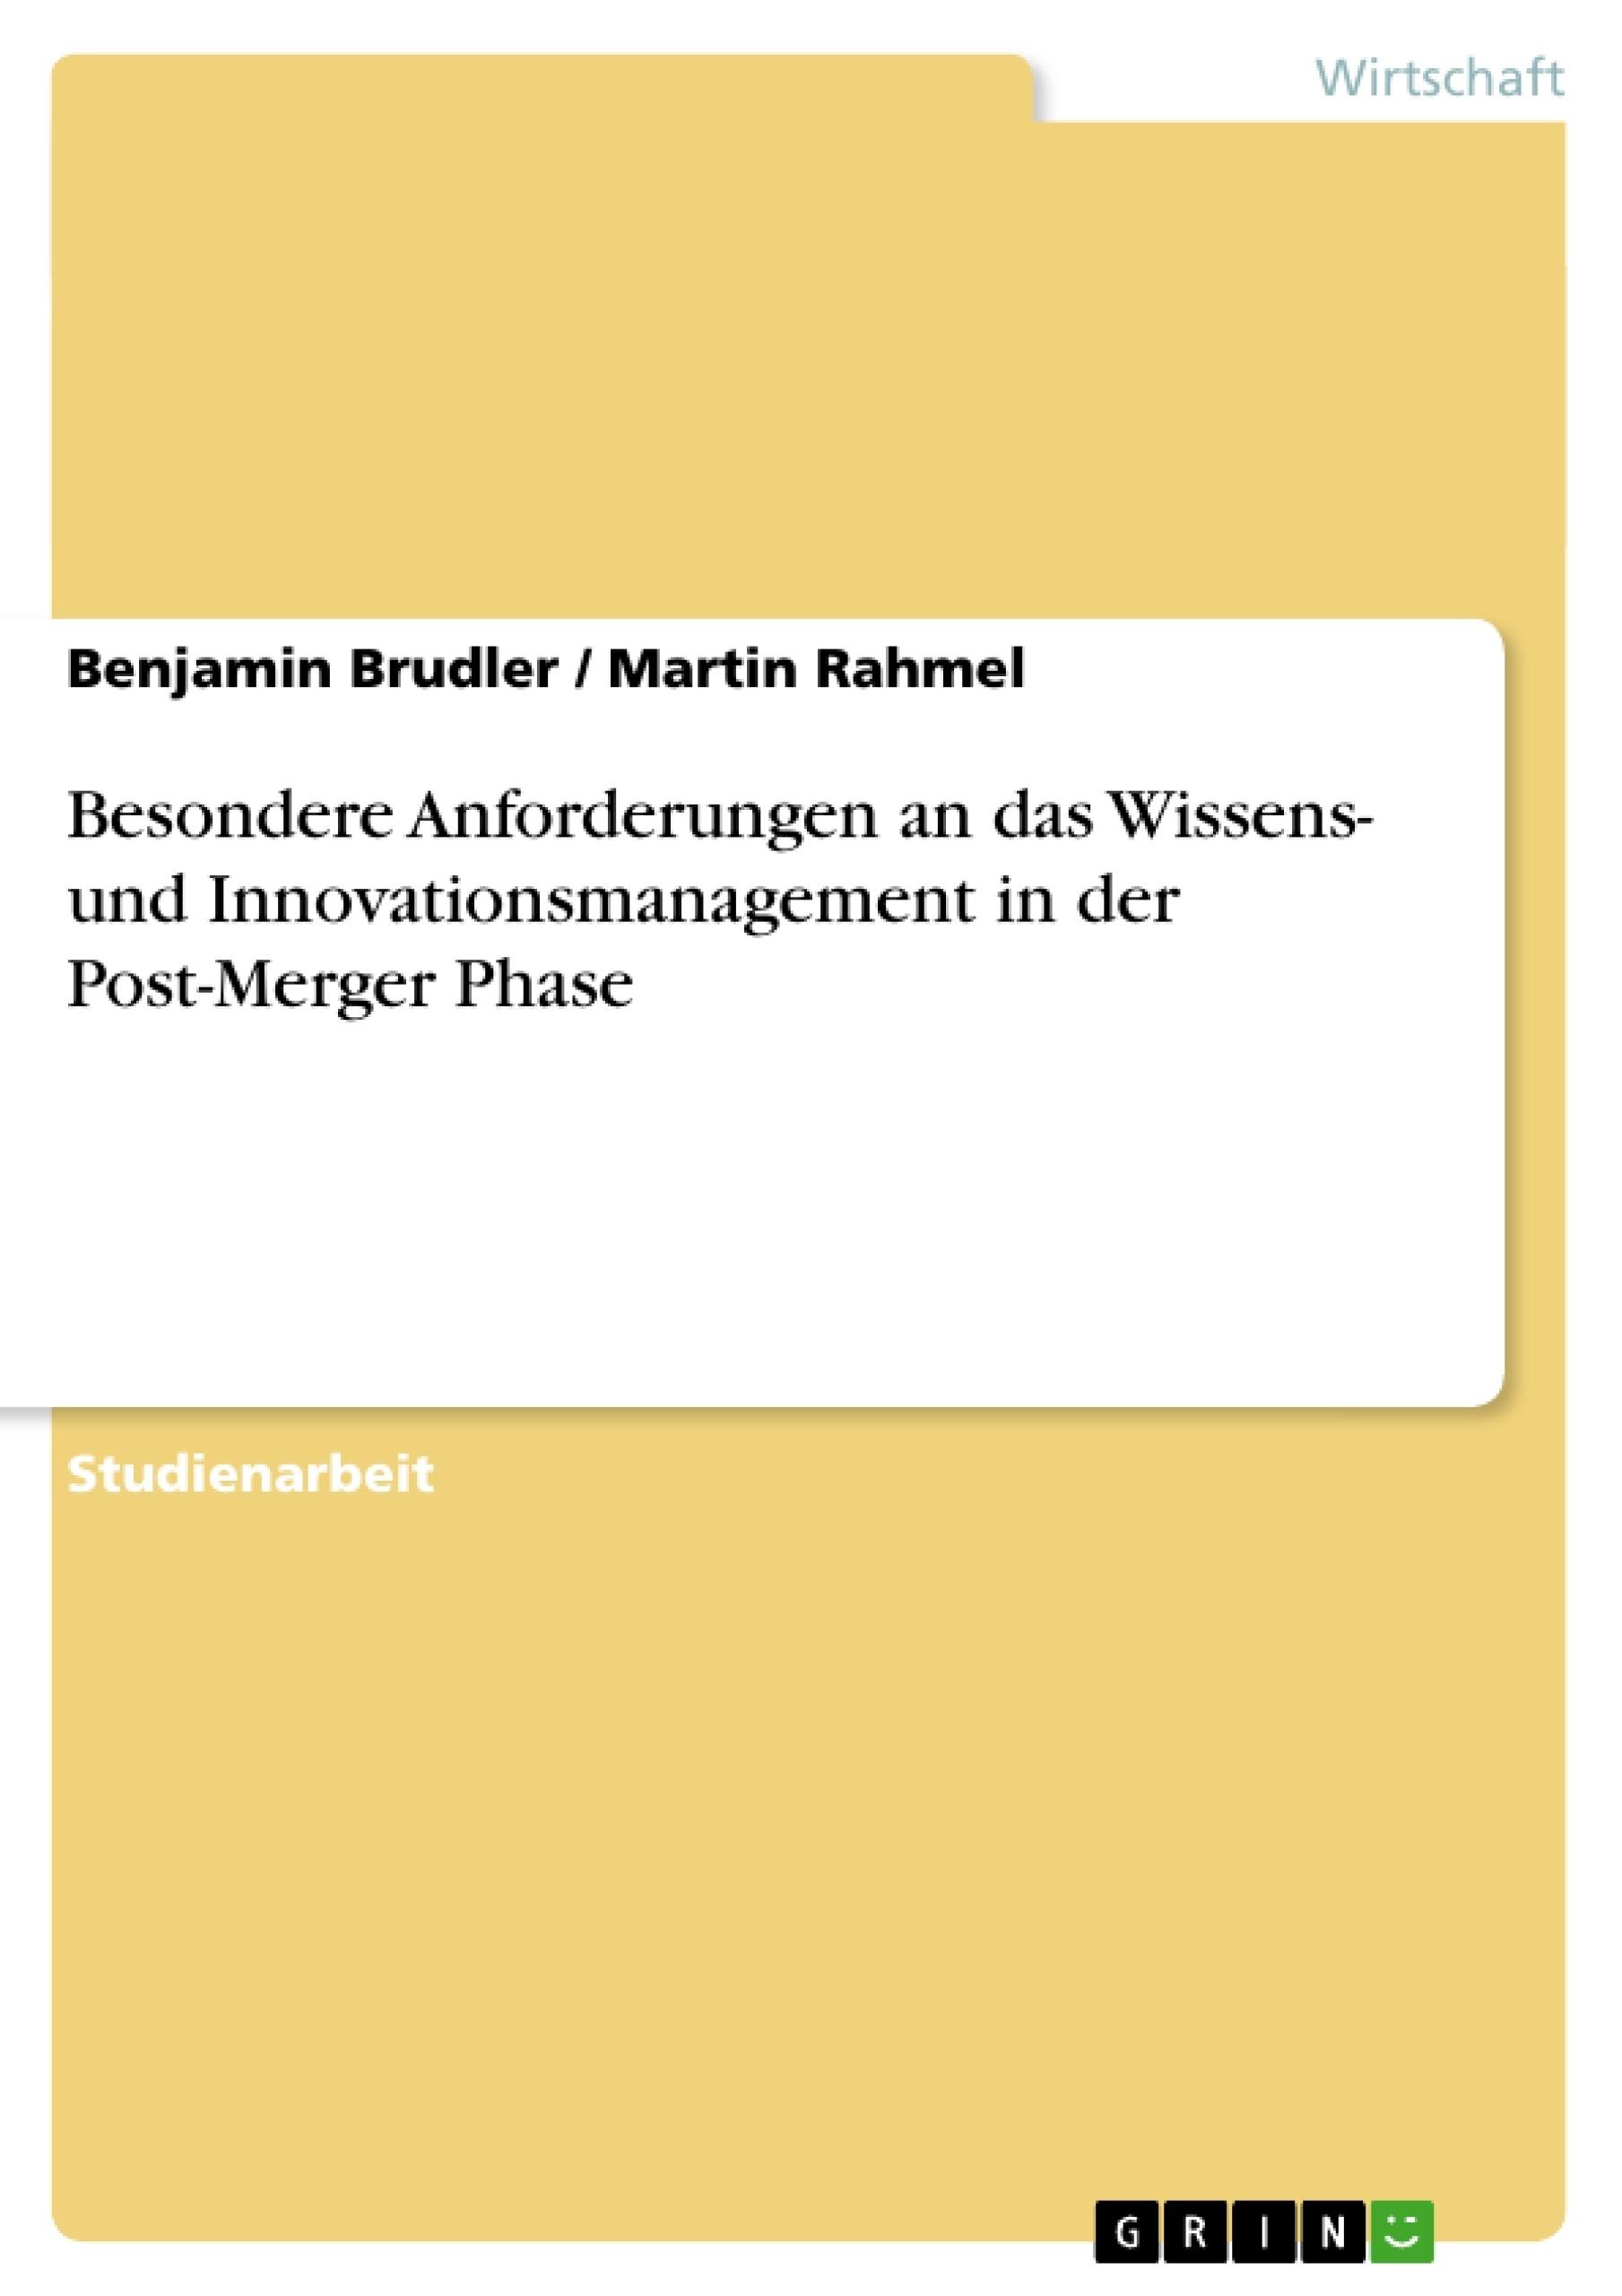 Titel: Besondere Anforderungen an das Wissens- und Innovationsmanagement in der Post-Merger Phase